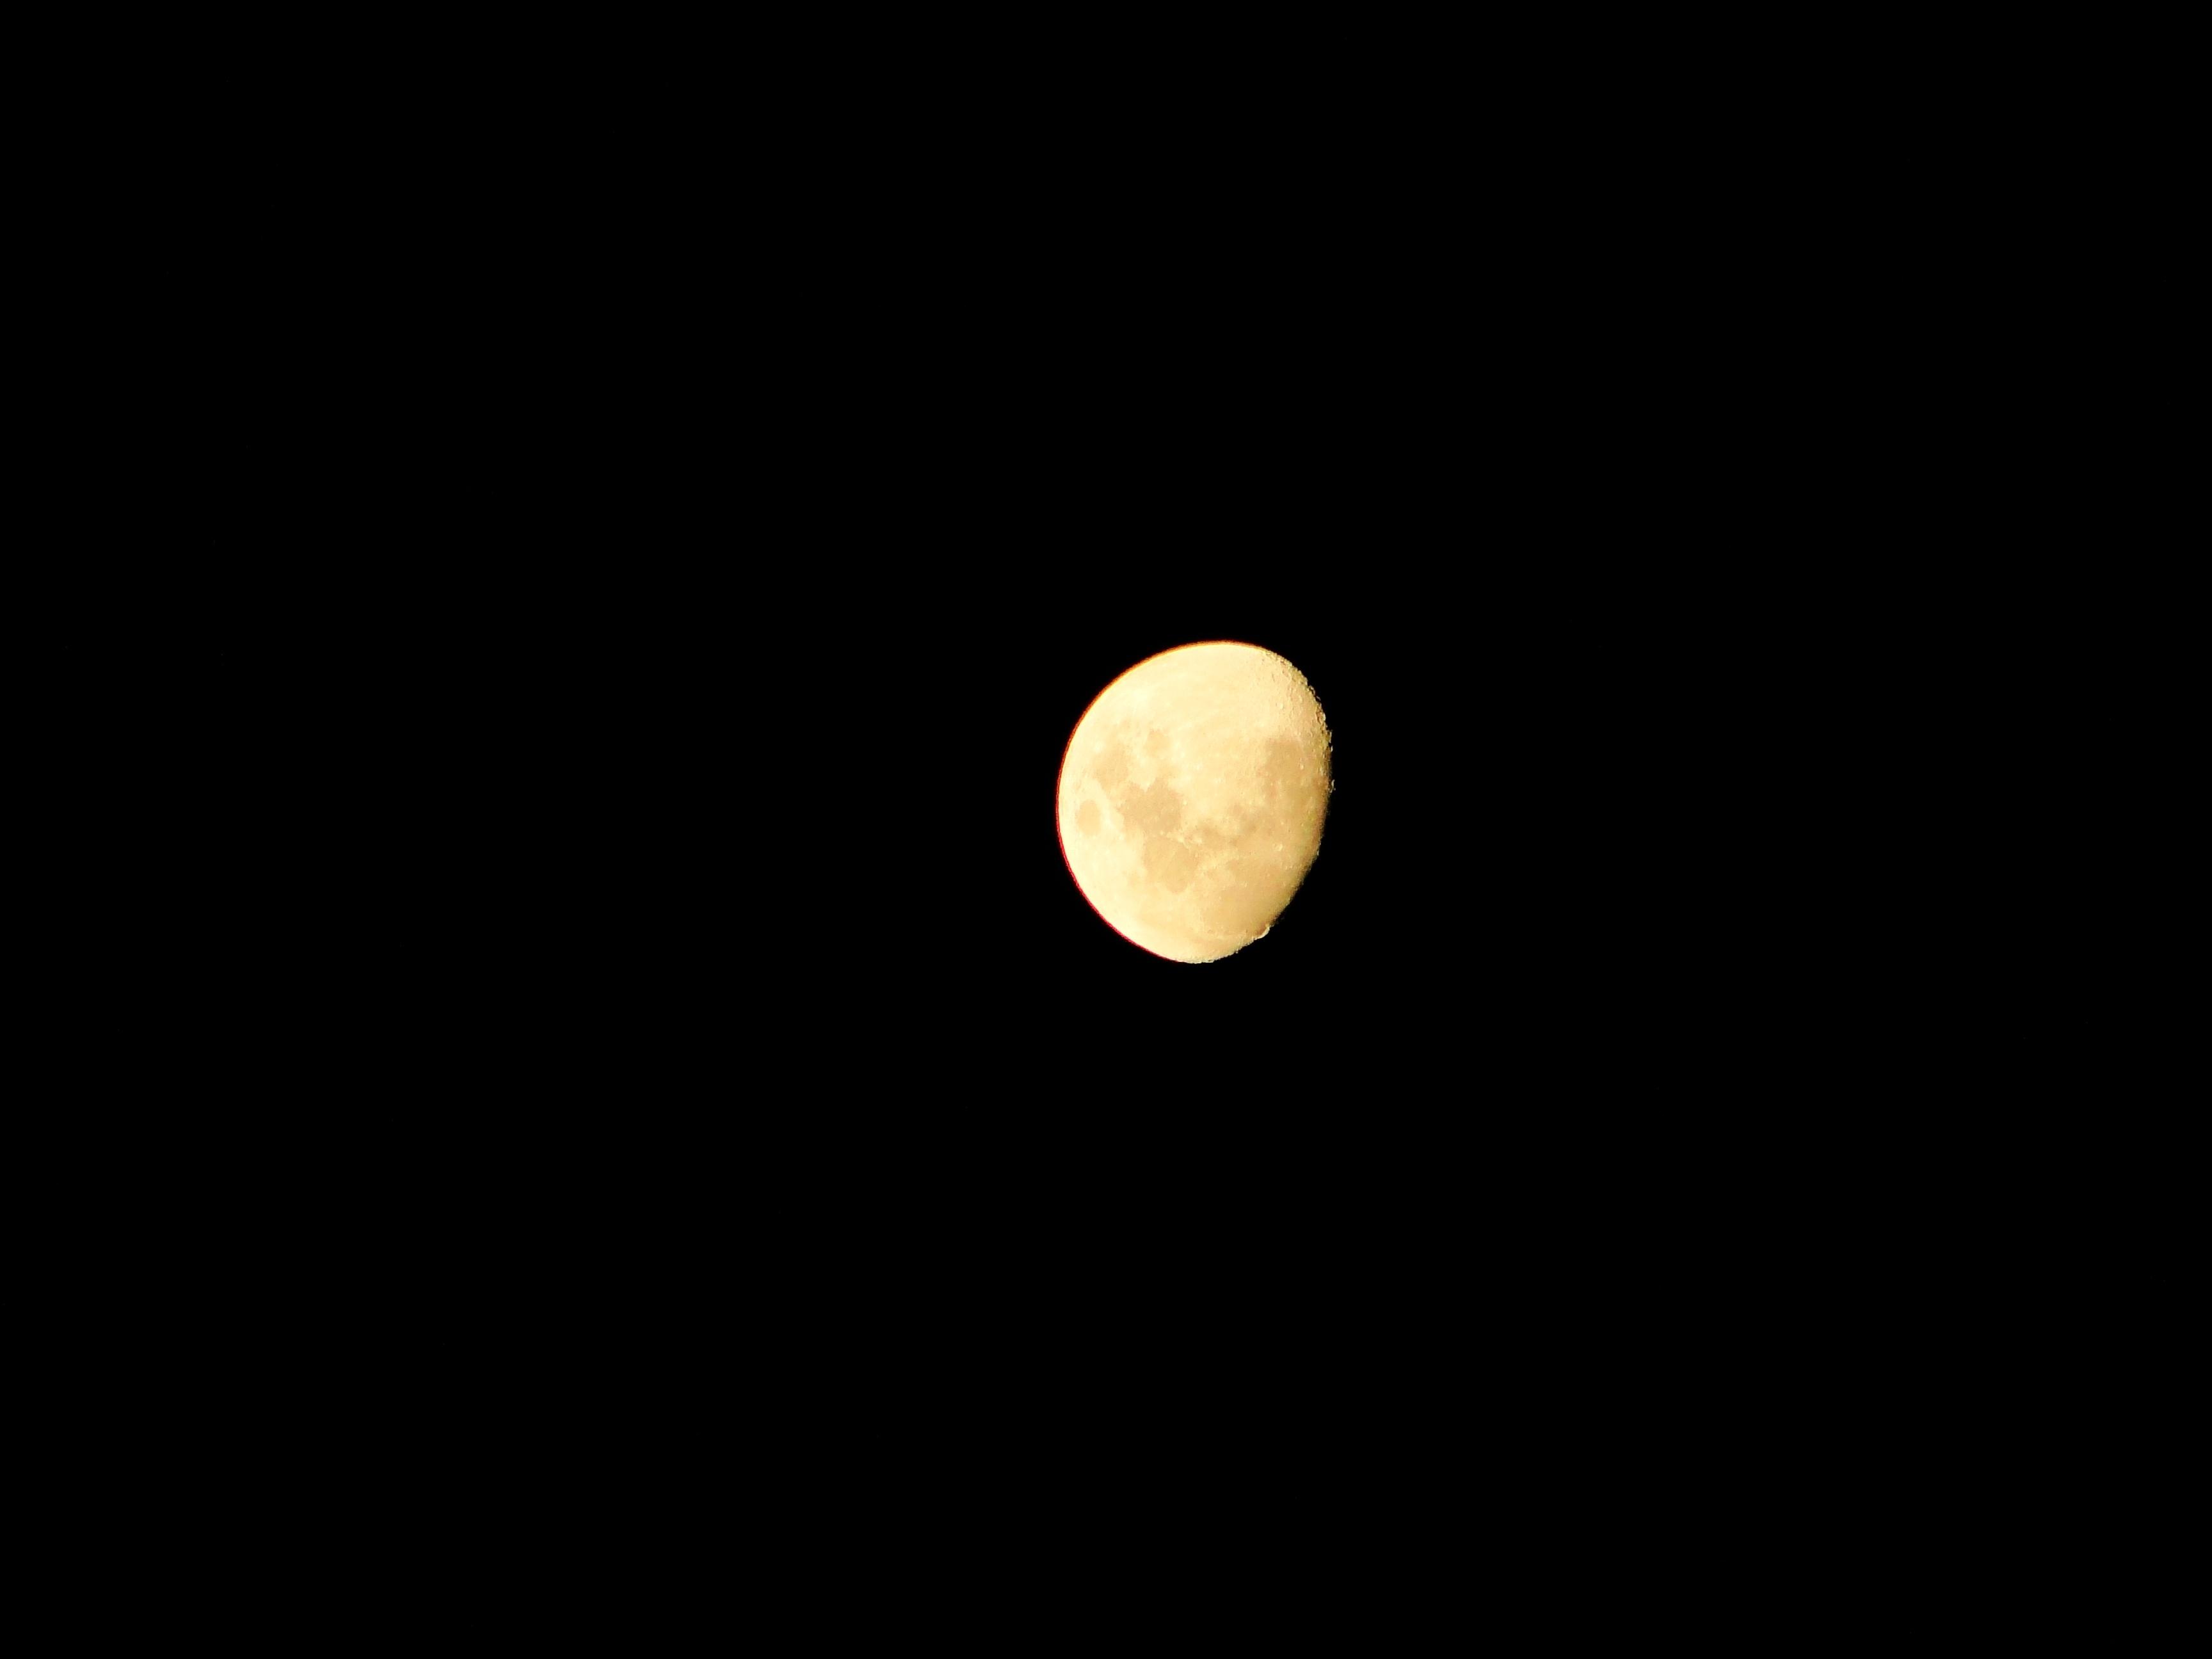 Gambar Malam Suasana Bulan Purnama Lingkaran Peristiwa Bulan